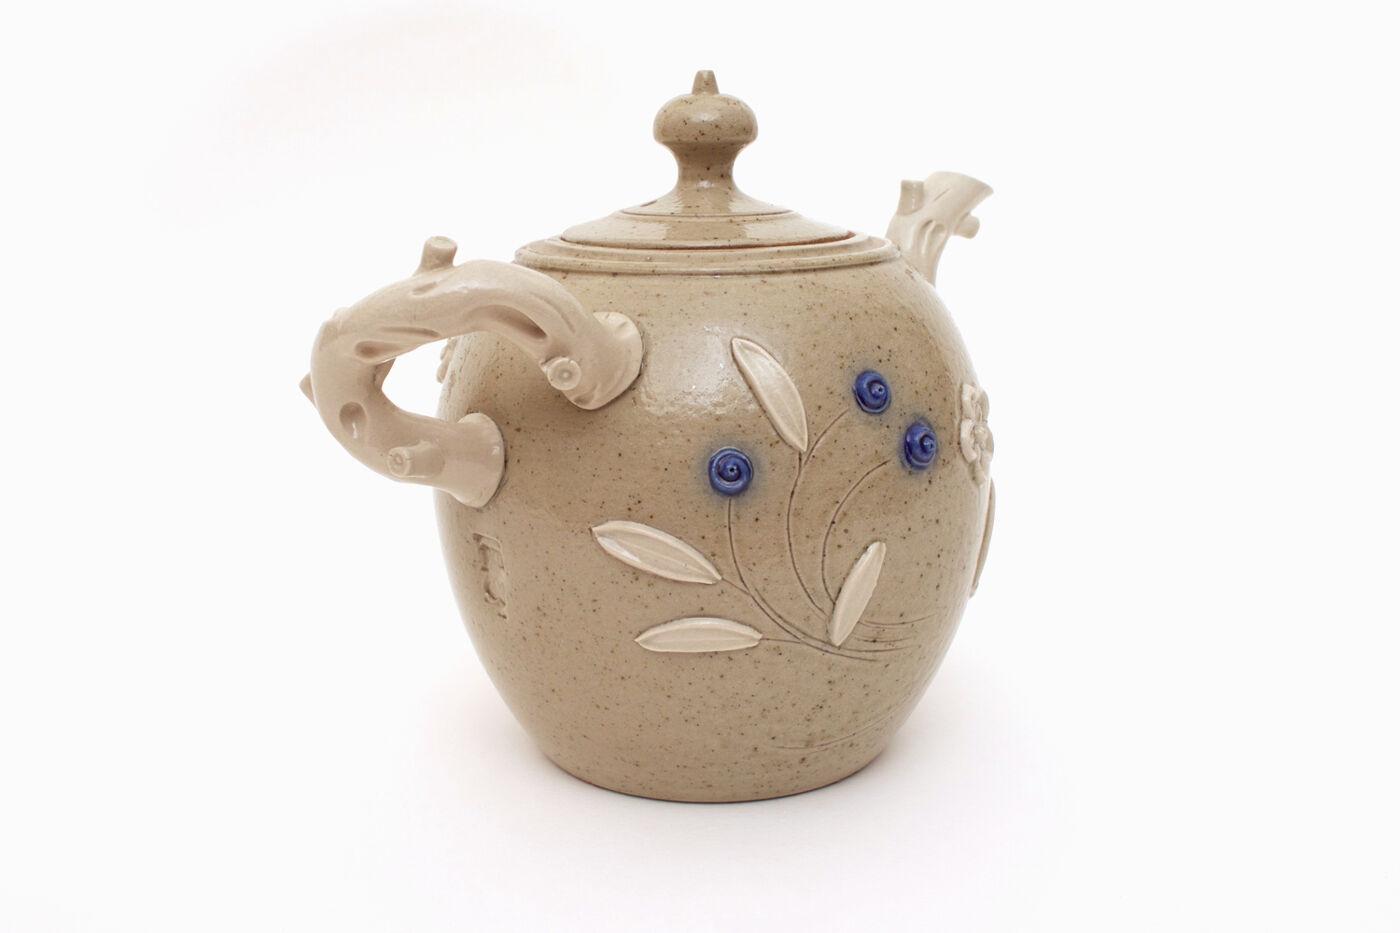 Peter Meanley Ceramic Teapot 18